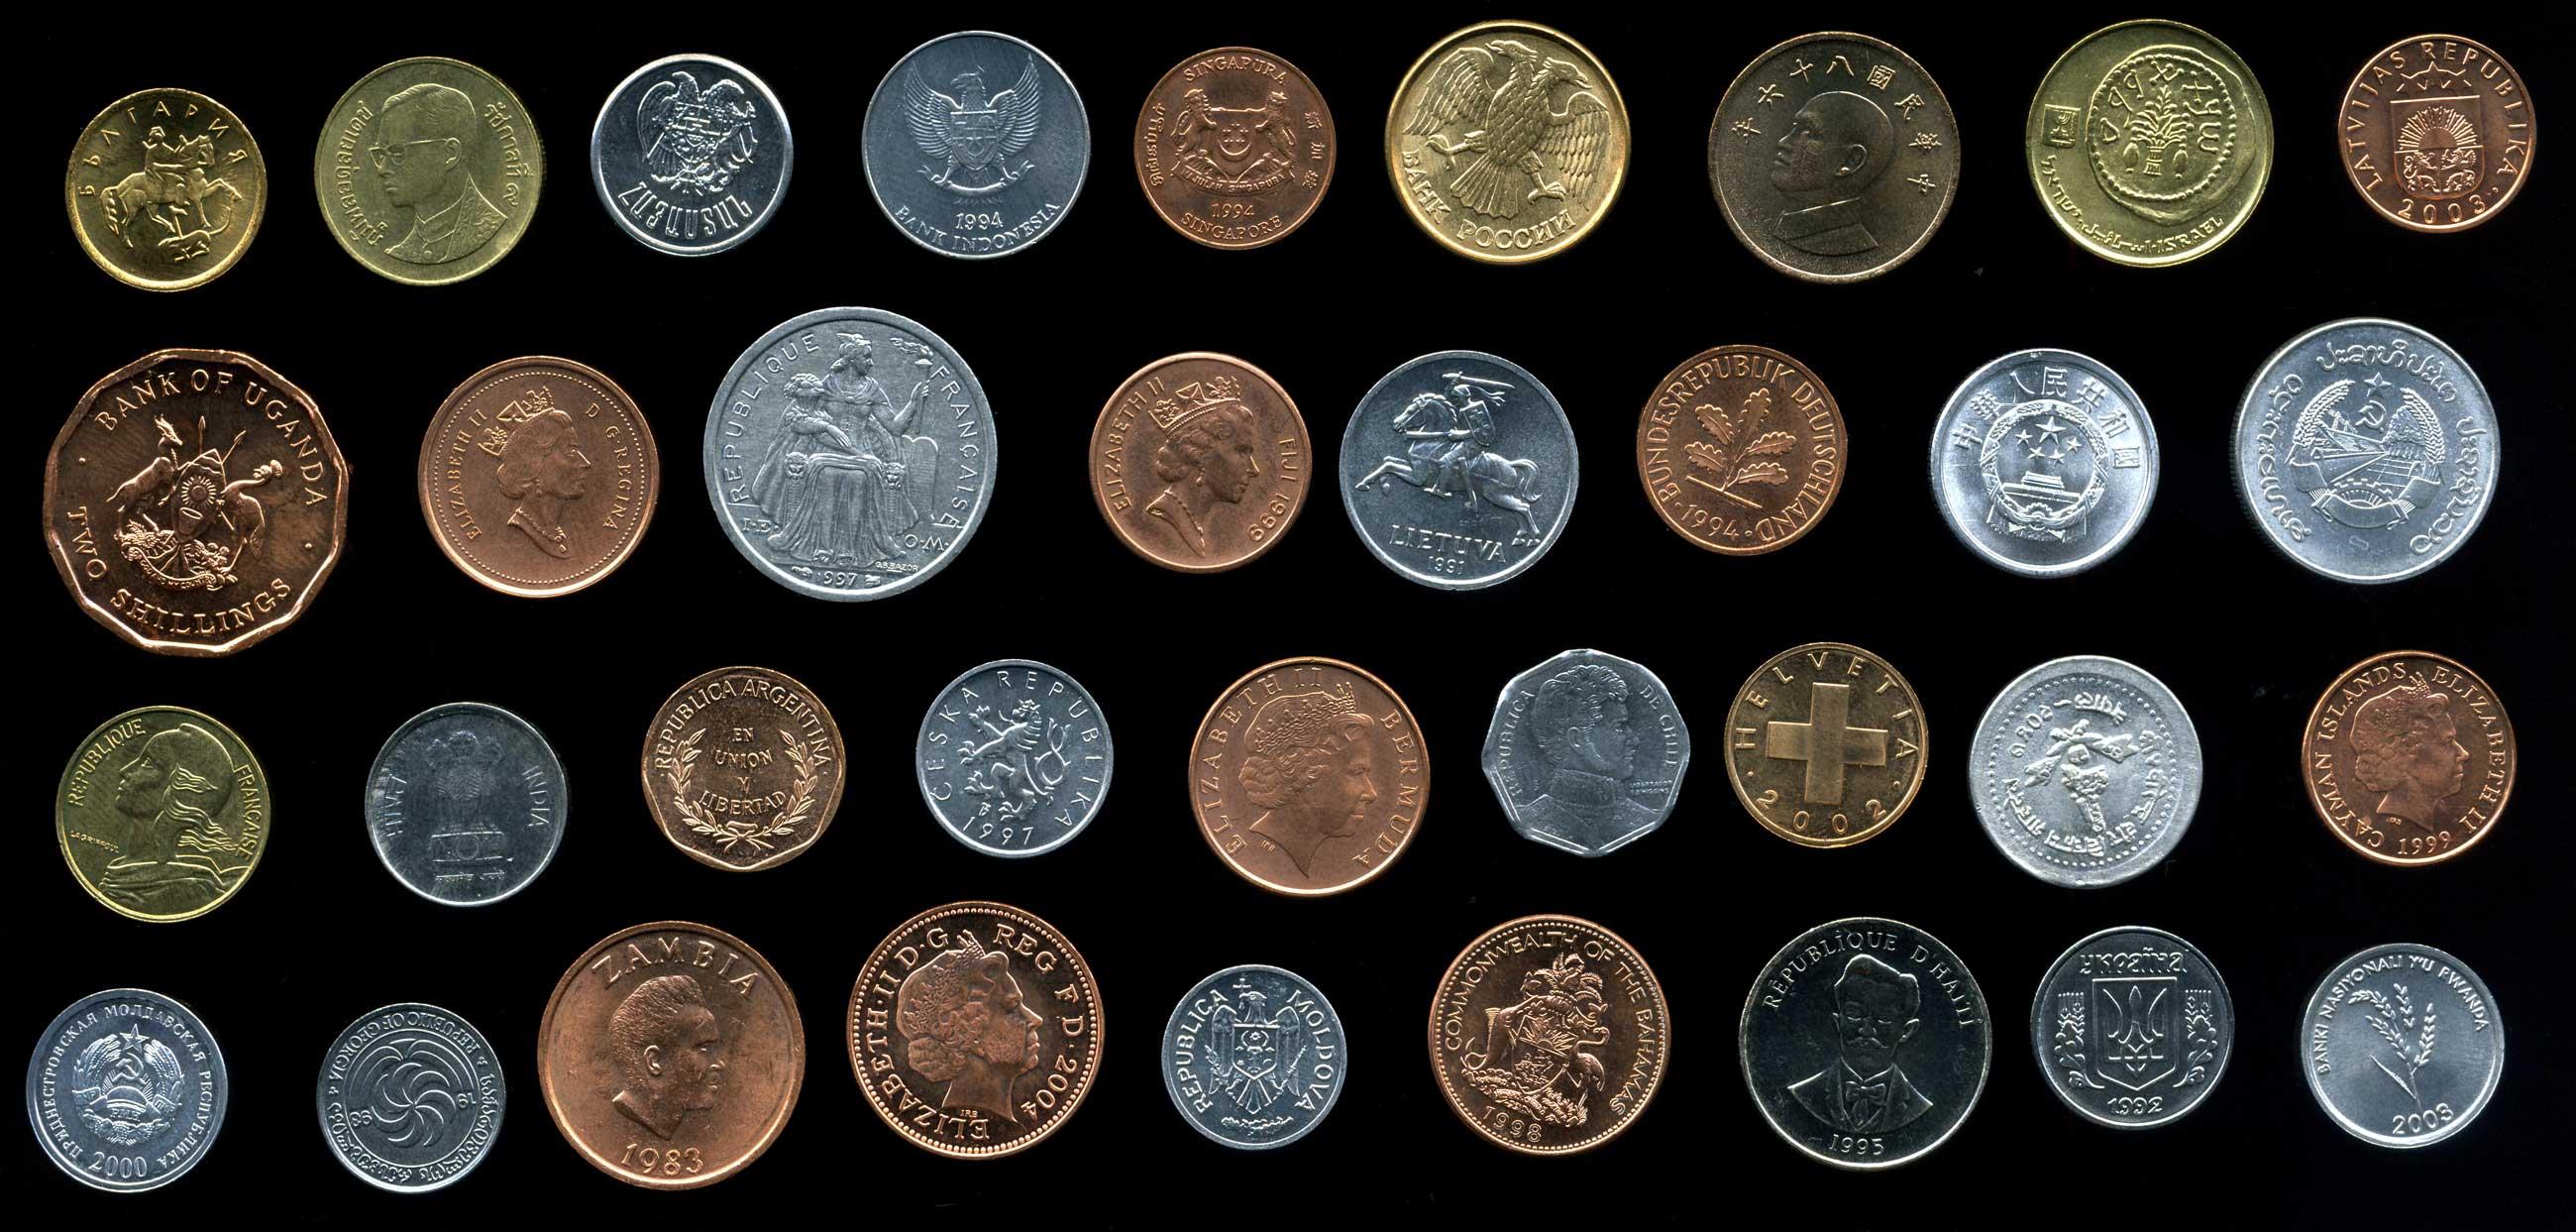 Набор иностранных монет 35 разных стран / bu / экзотика фаун.